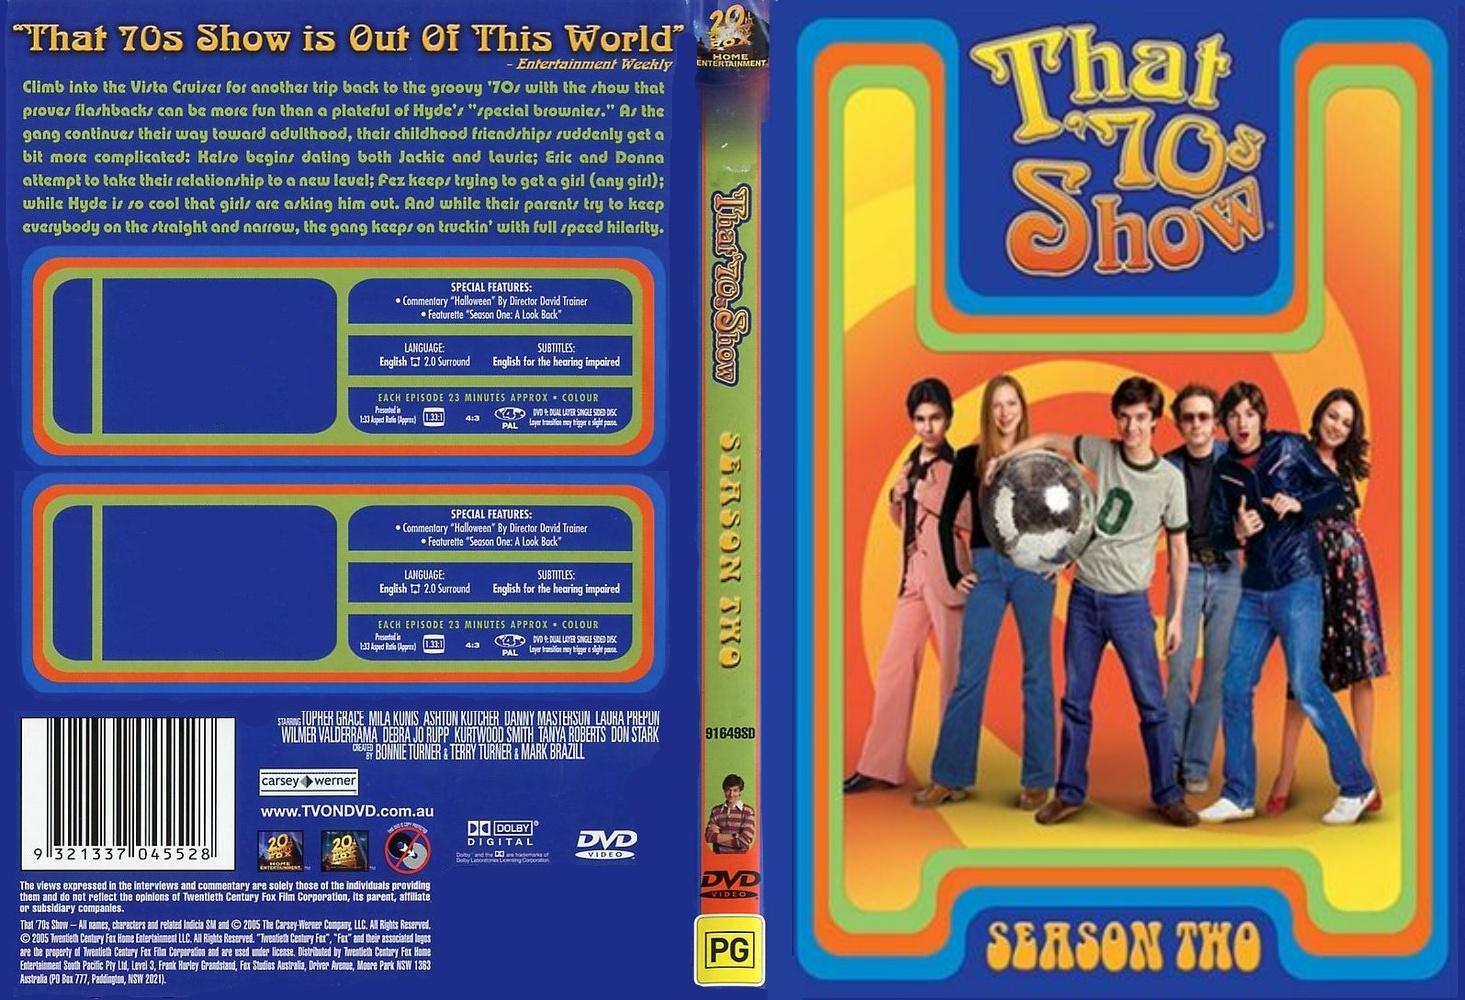 That 70s Show (season 2)